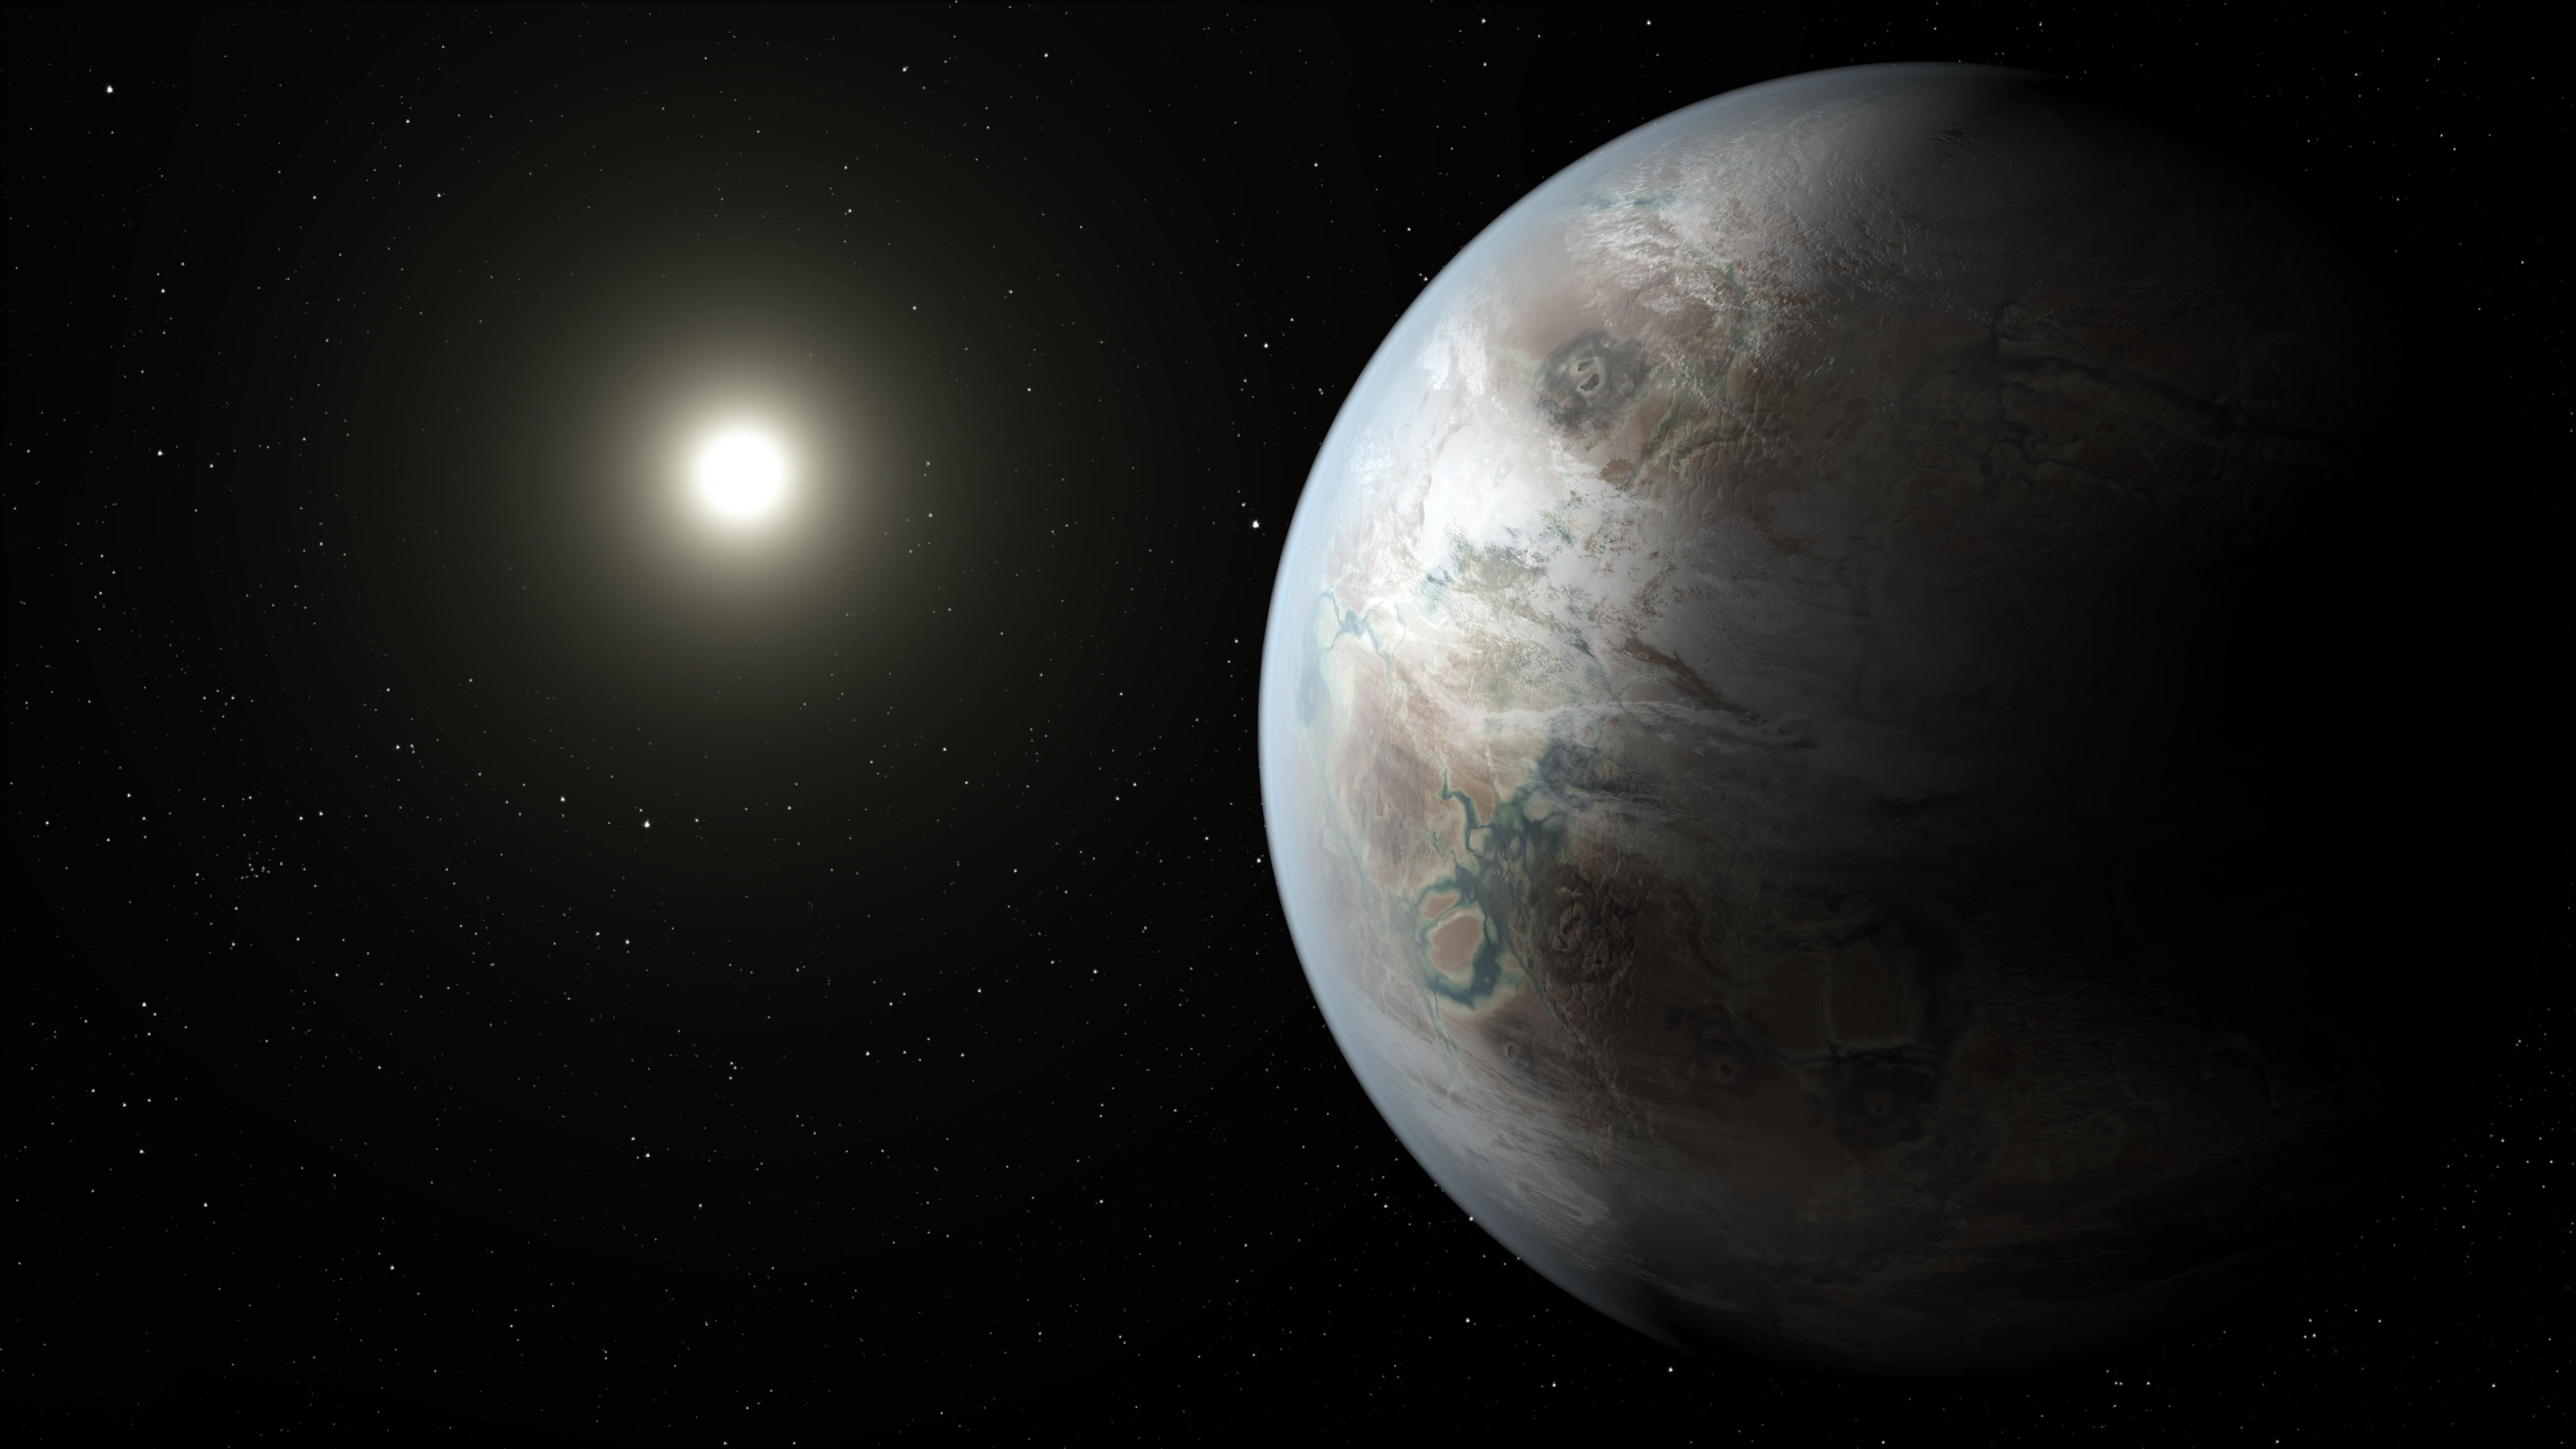 Concepção do Kepler-452b, exoplaneta em zona habitável de uma estrela igual ao Sol (Foto: Wikimedia/NASA)